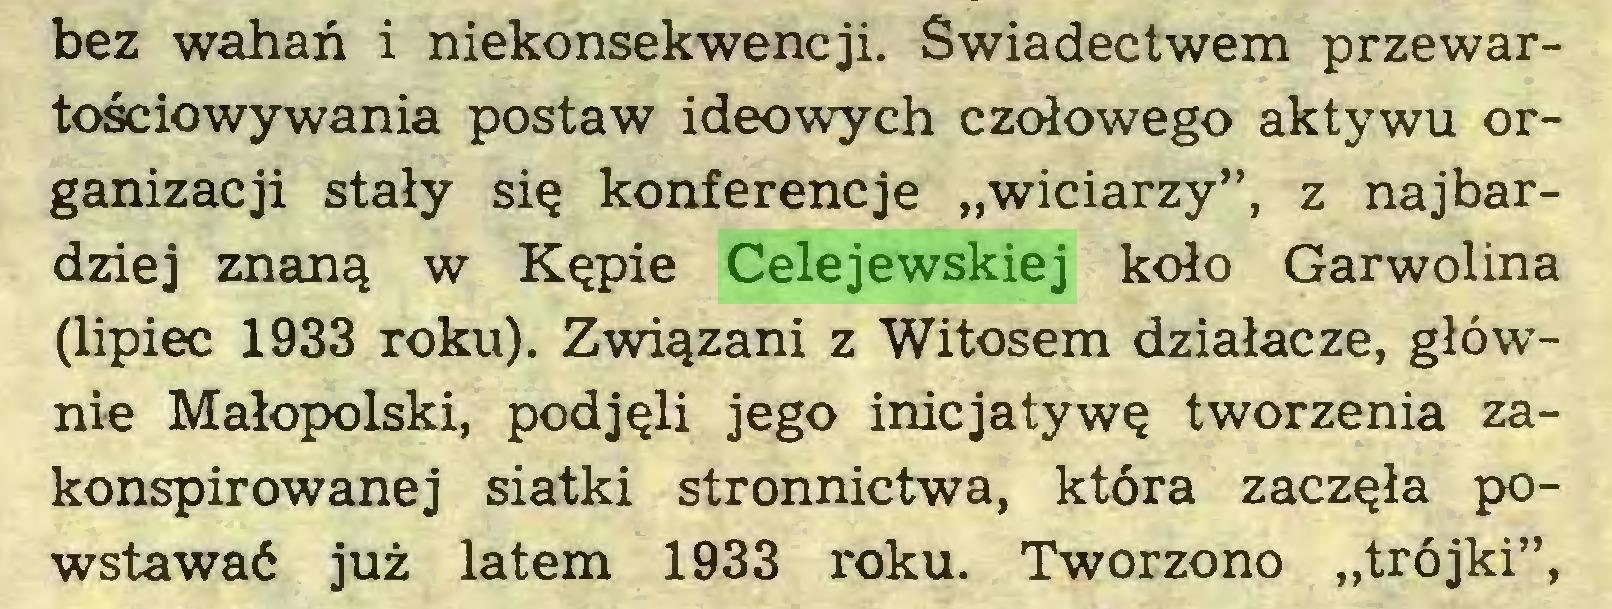 """(...) bez wahań i niekonsekwencji. Świadectwem przewartościowywania postaw ideowych czołowego aktywu organizacji stały się konferencje """"wiciarzy"""", z najbardziej znaną w Kępie Celejewskiej koło Garwolina (lipiec 1933 roku). Związani z Witosem działacze, głównie Małopolski, podjęli jego inicjatywę tworzenia zakonspirowanej siatki stronnictwa, która zaczęła powstawać już latem 1933 roku. Tworzono """"trójki"""",..."""